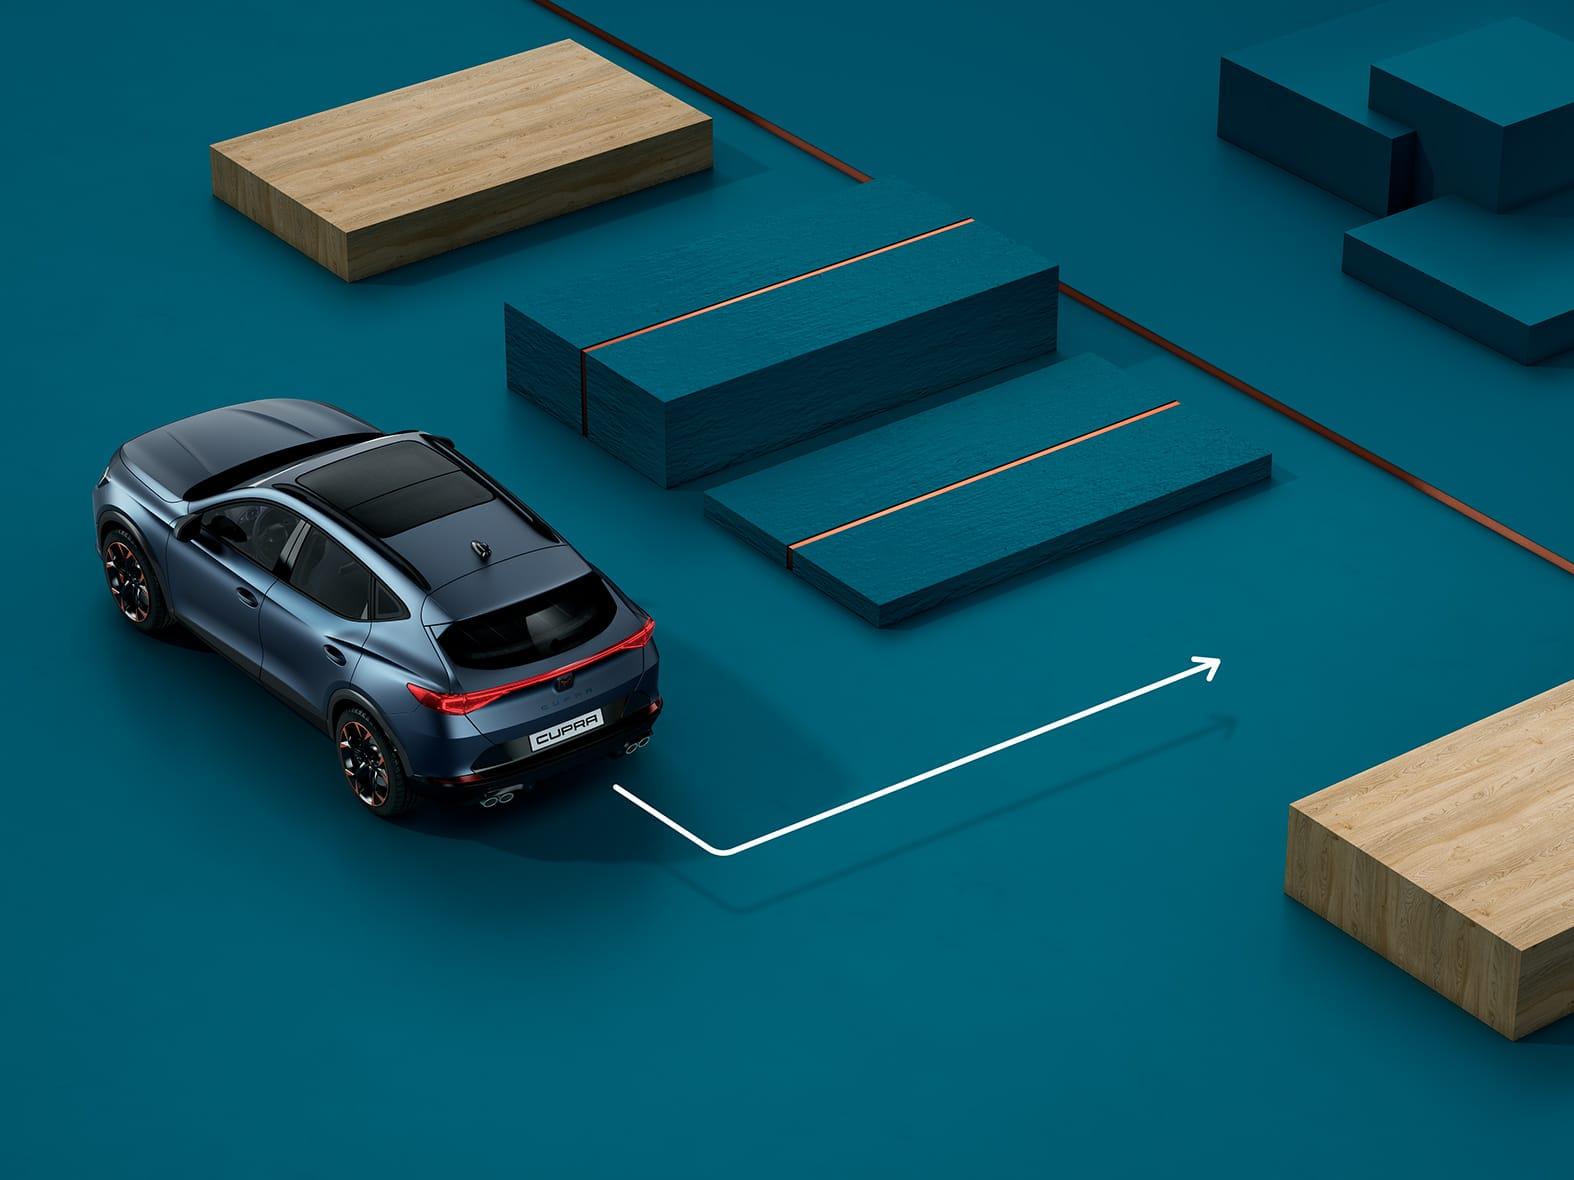 Nouvelle CUPRA Leon 5 portes ehybrid voiture de sport compacte avec fonction park assist